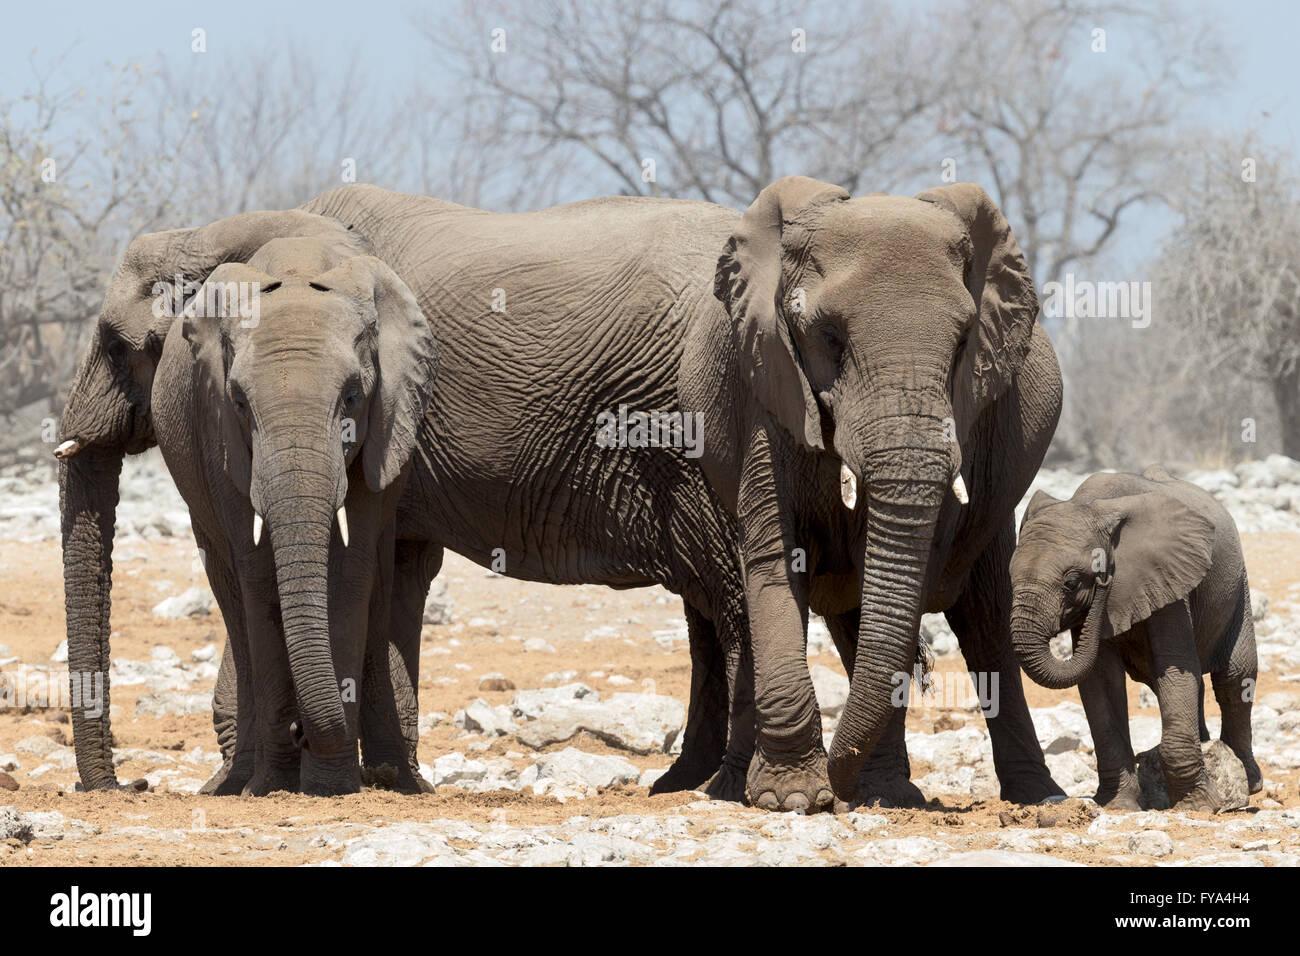 Elephants around watering hole Etosha National Park Namibia - Stock Image